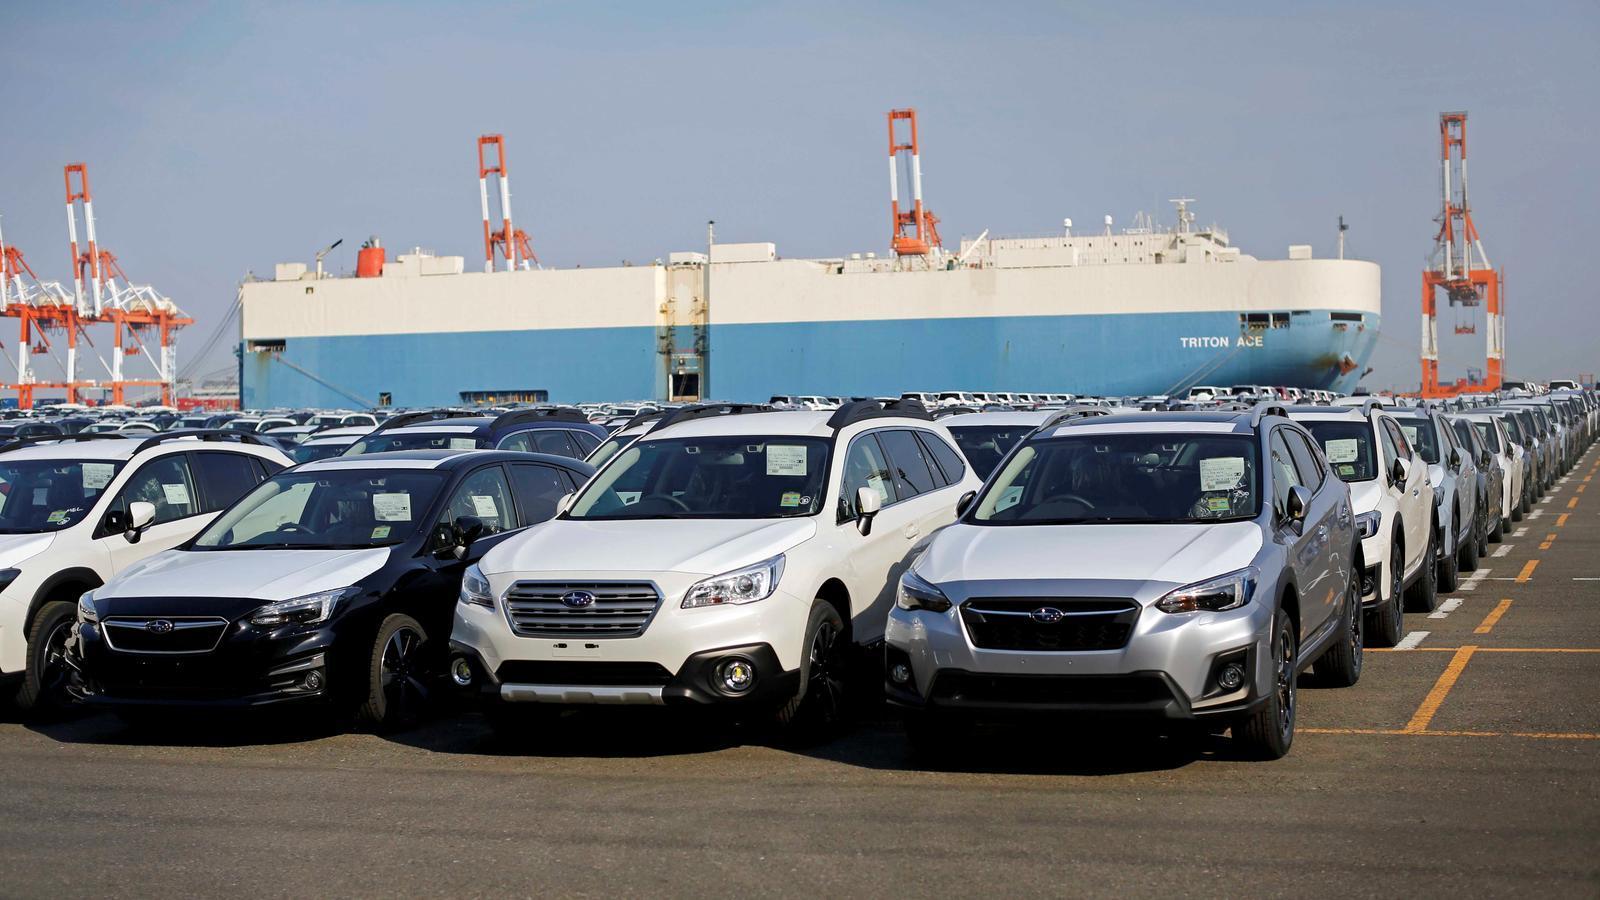 Cotxes de la marca Subaru abans de ser carregats a un vaixell al port japonès de Yokohama, en una imatge d'arxiu.